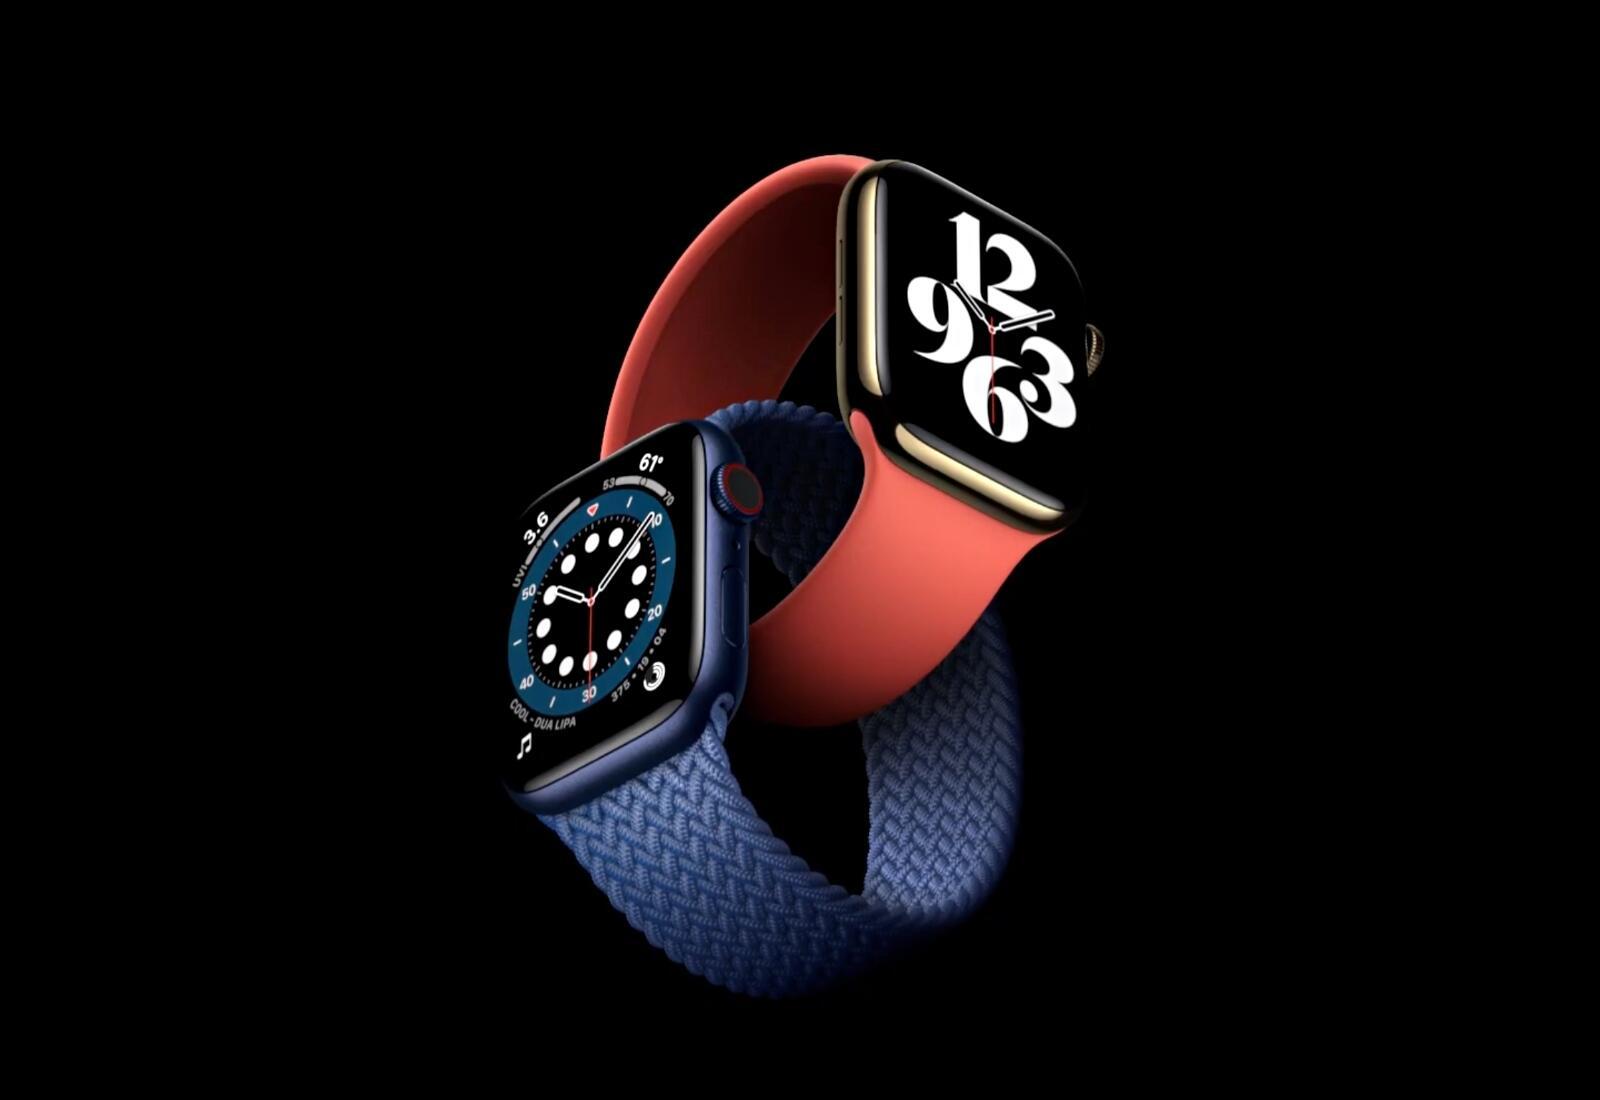 Apple Watch Series 6 Header